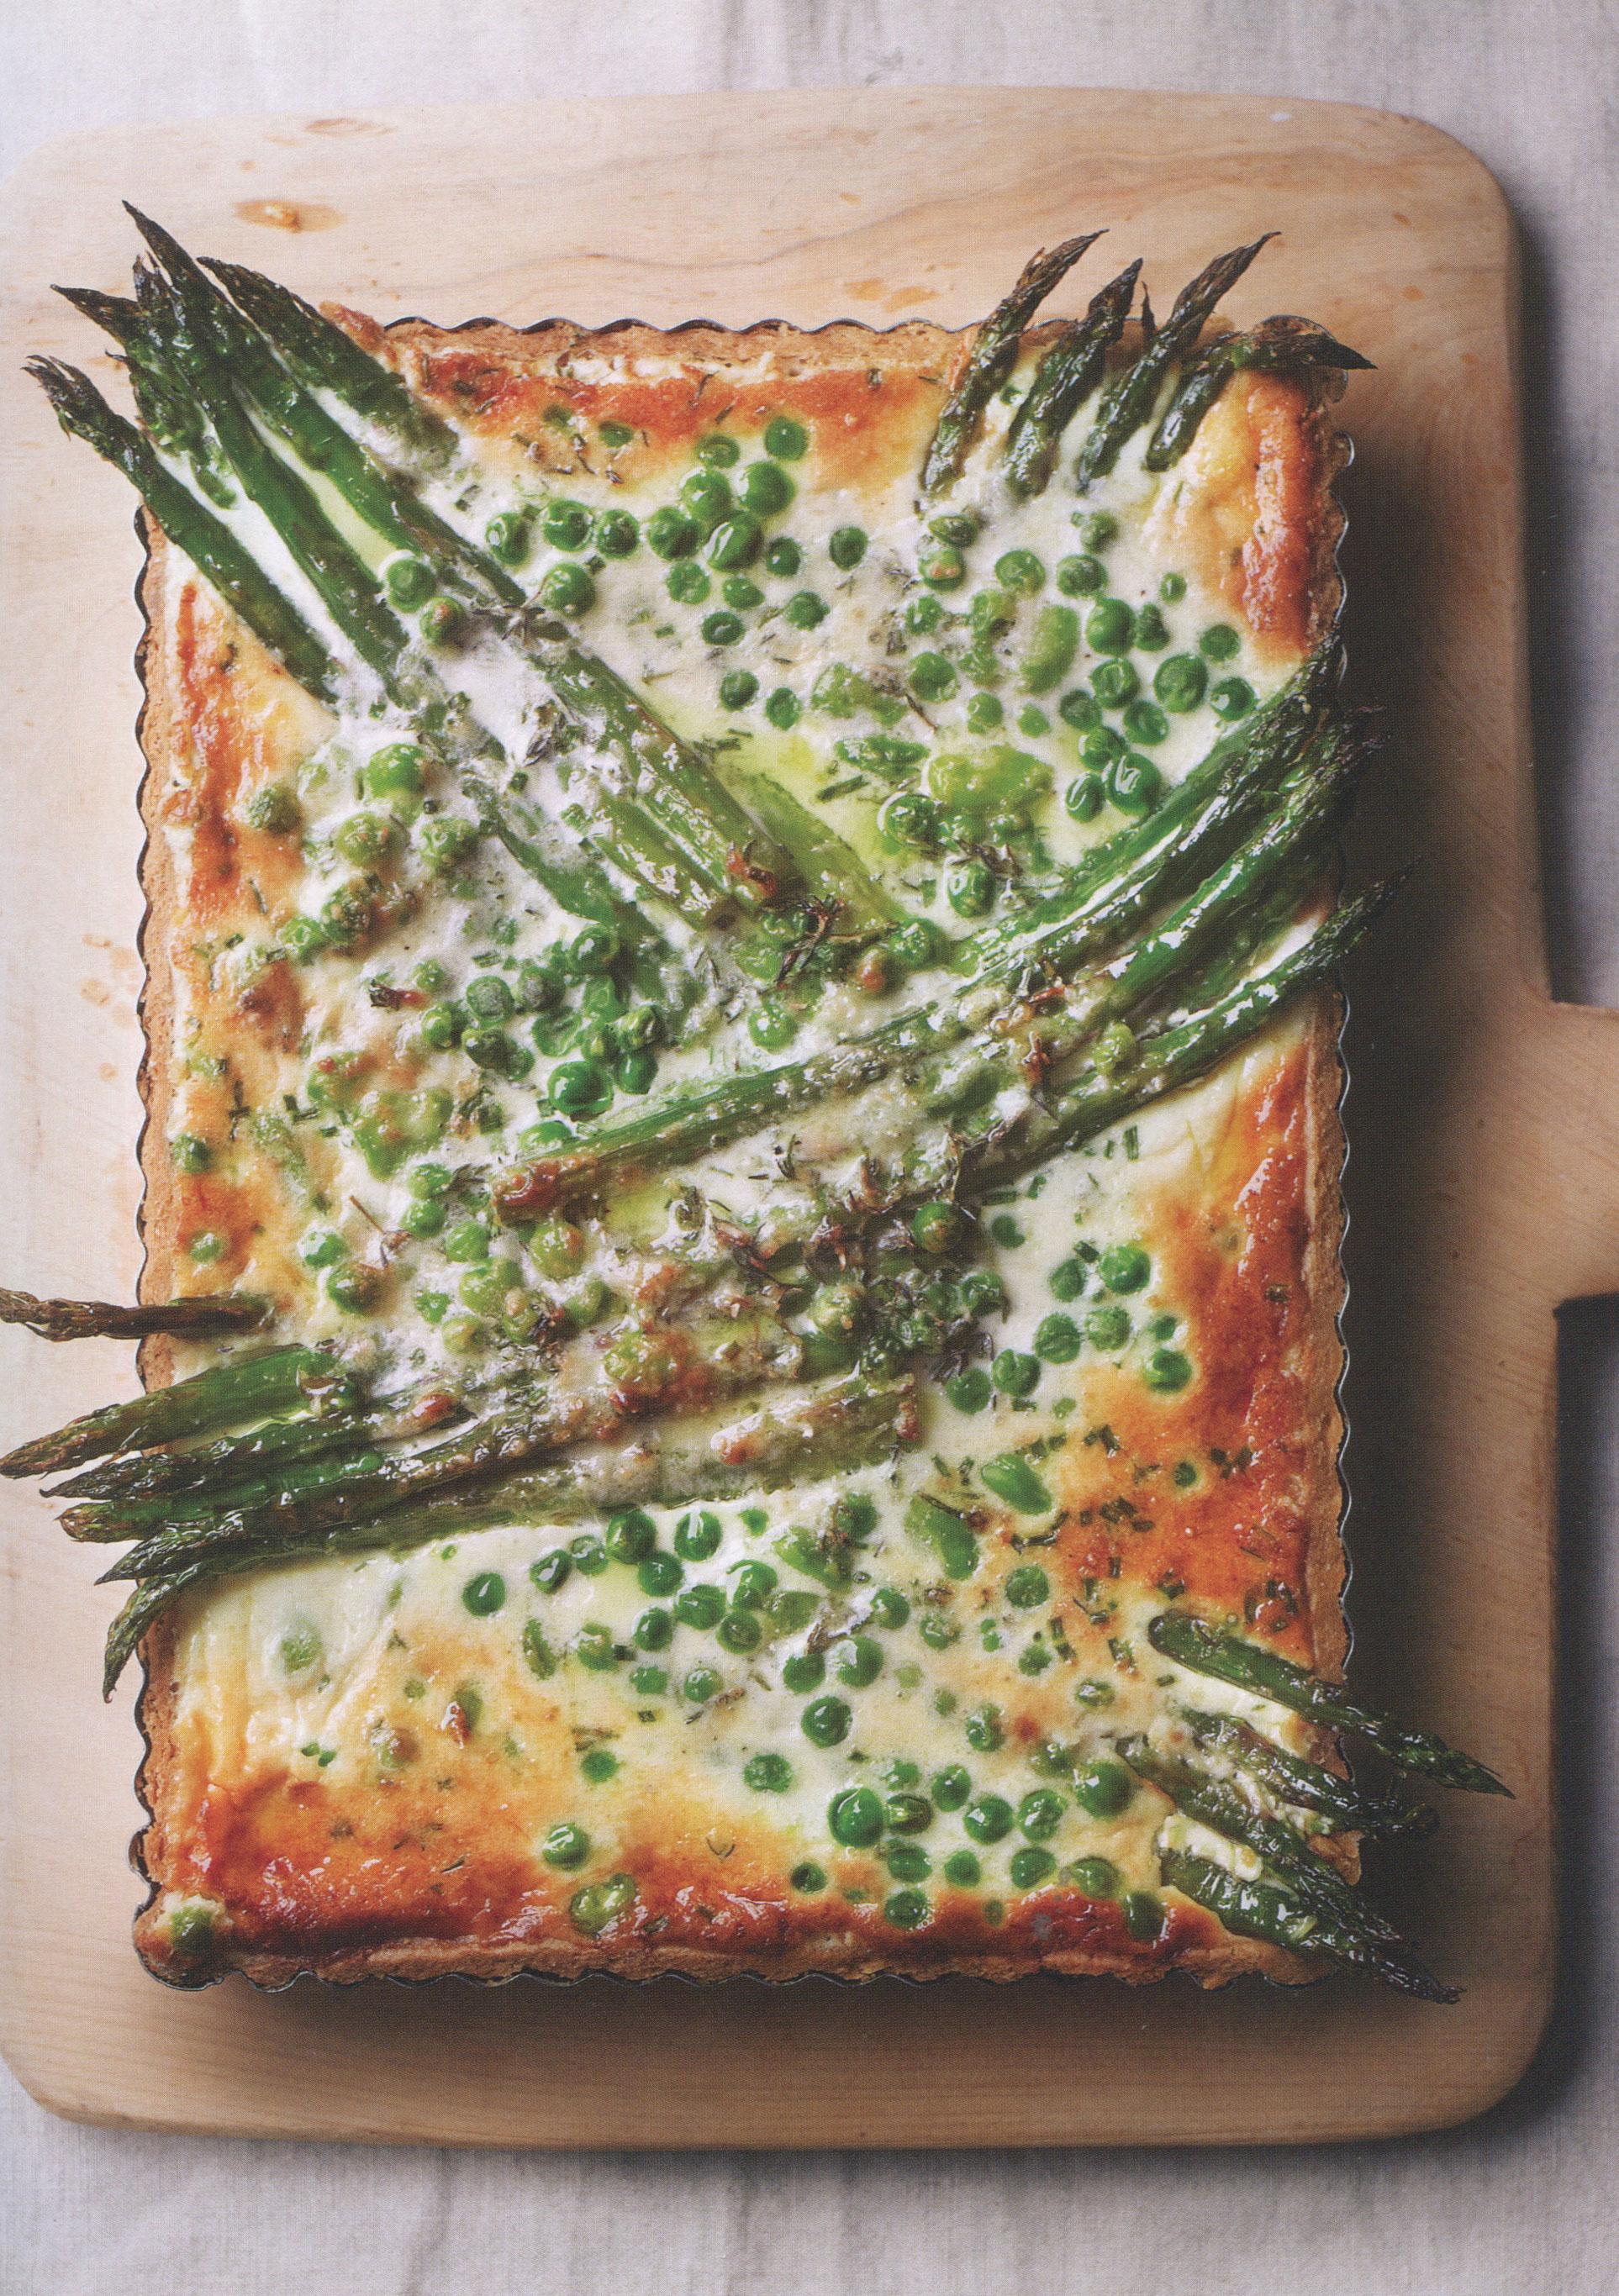 TBT Recipe: Spring Green Tart from Tart It Up by Eric Lanlard